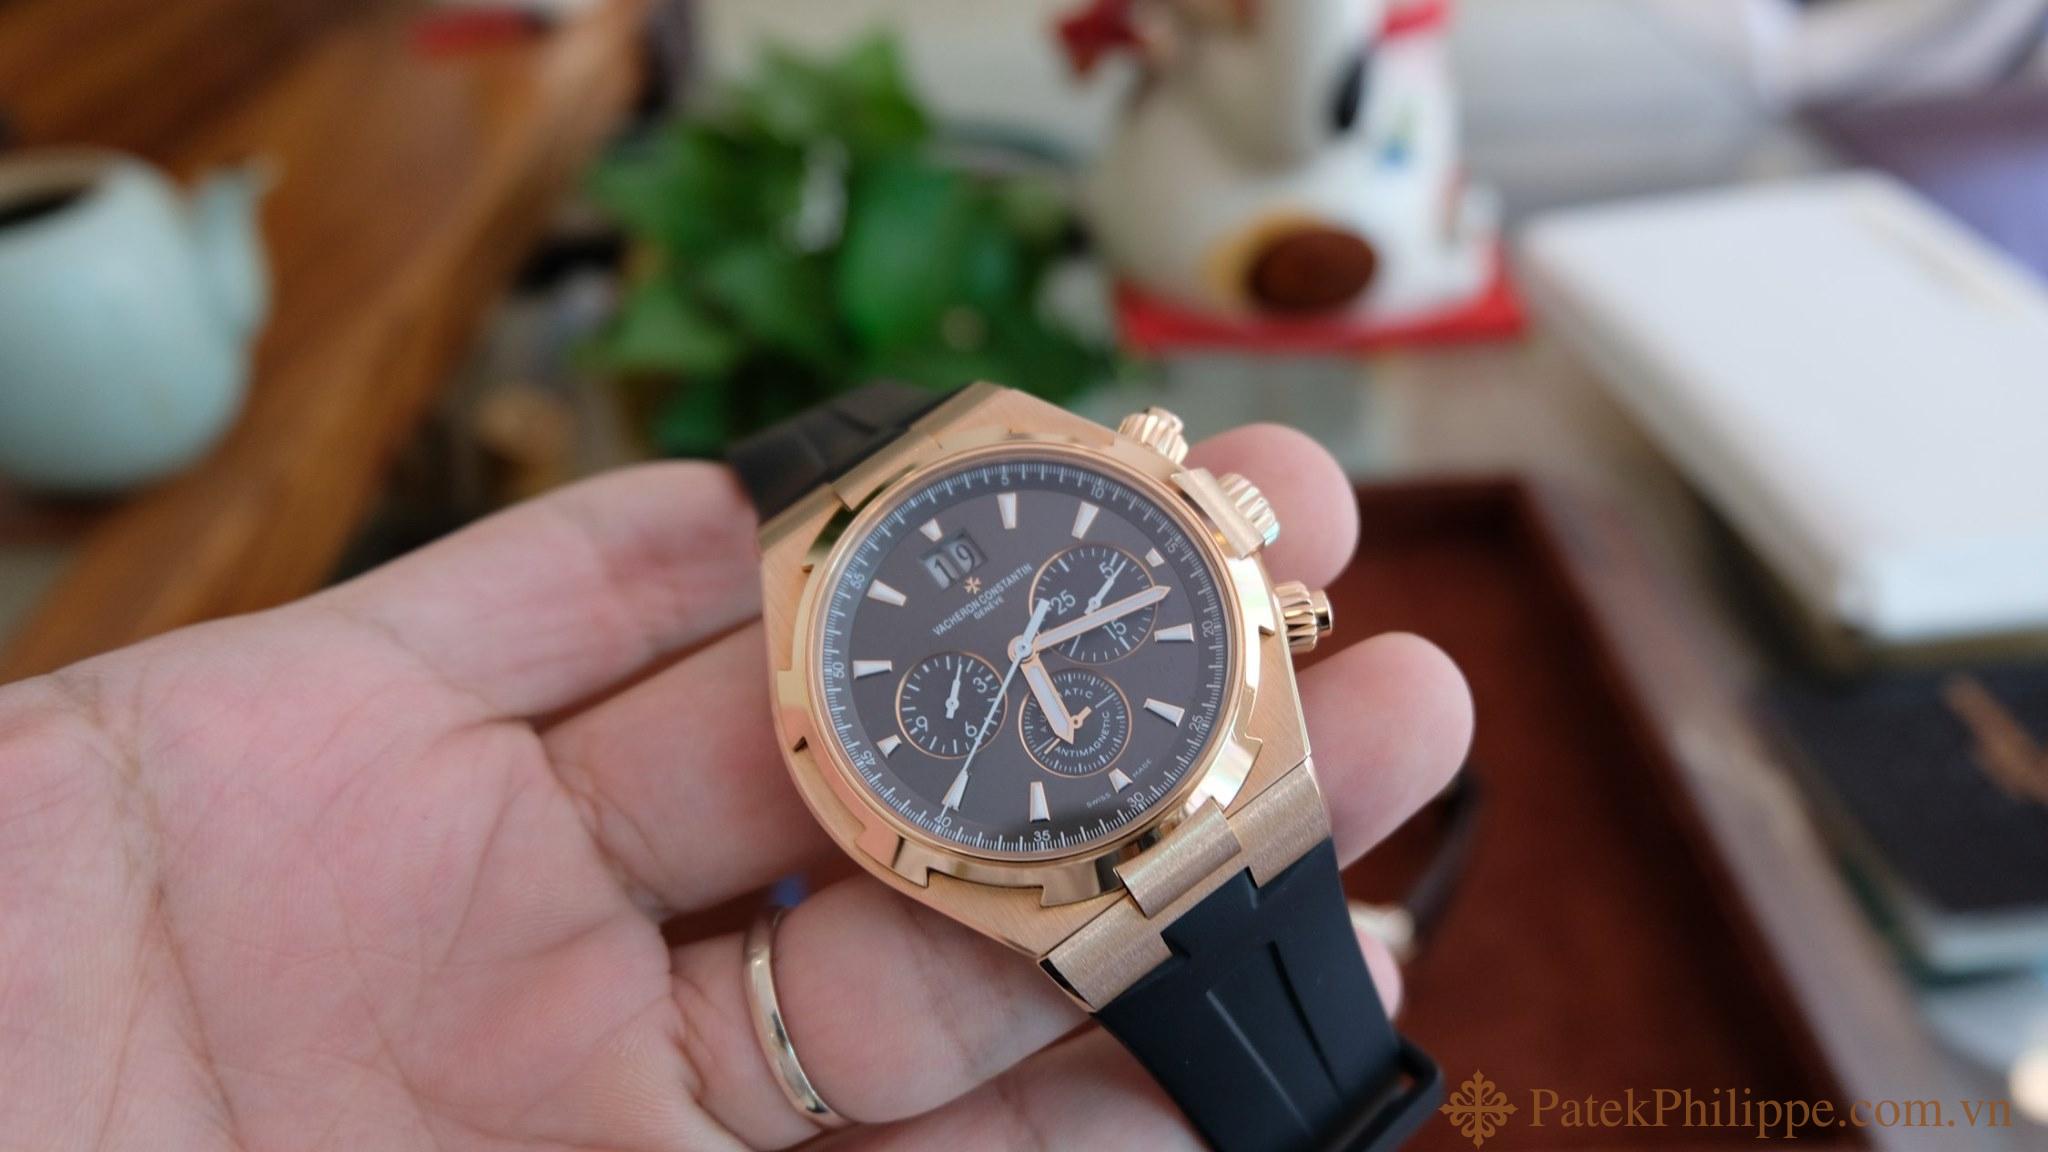 vacheron-constantin-overseas-rose-gold-chronograph 1 csasw.jpg